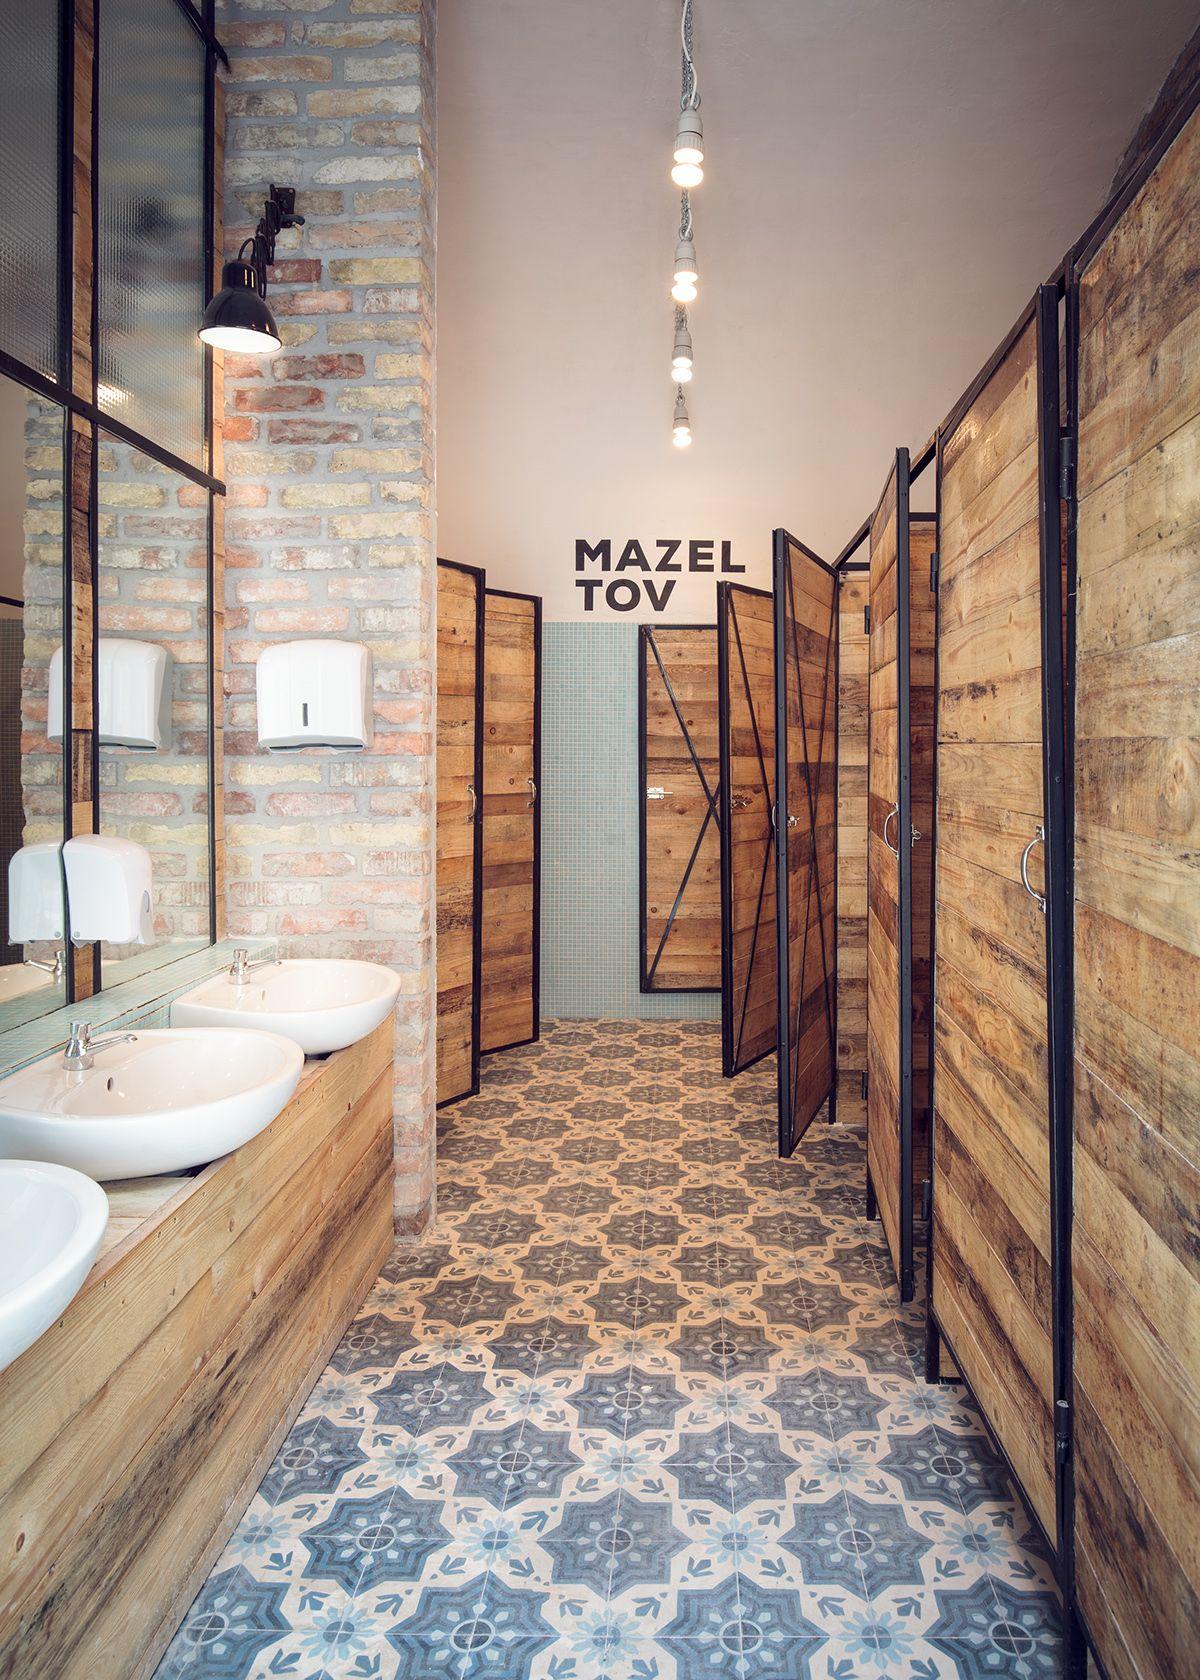 Separacion ba os y duchas cuartos de ba o pinterest separaci n duchas y ba os - Banos y duchas ...